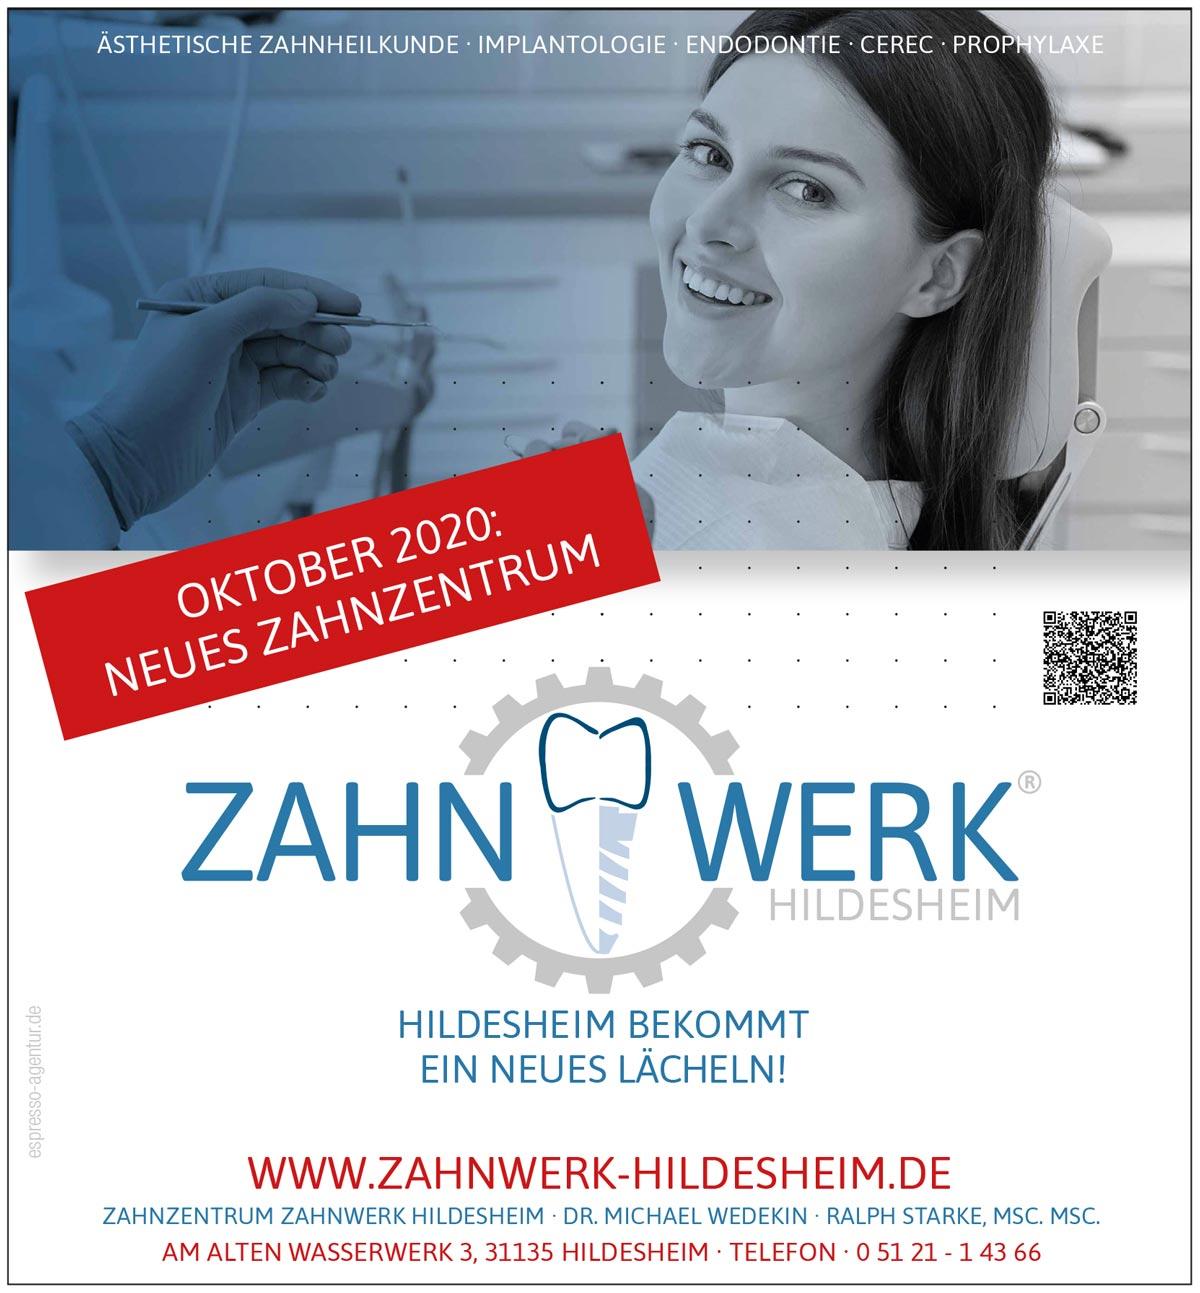 Zahnzentrum Zahnwerk eröffnet in Hildesheim im Oktober 2020